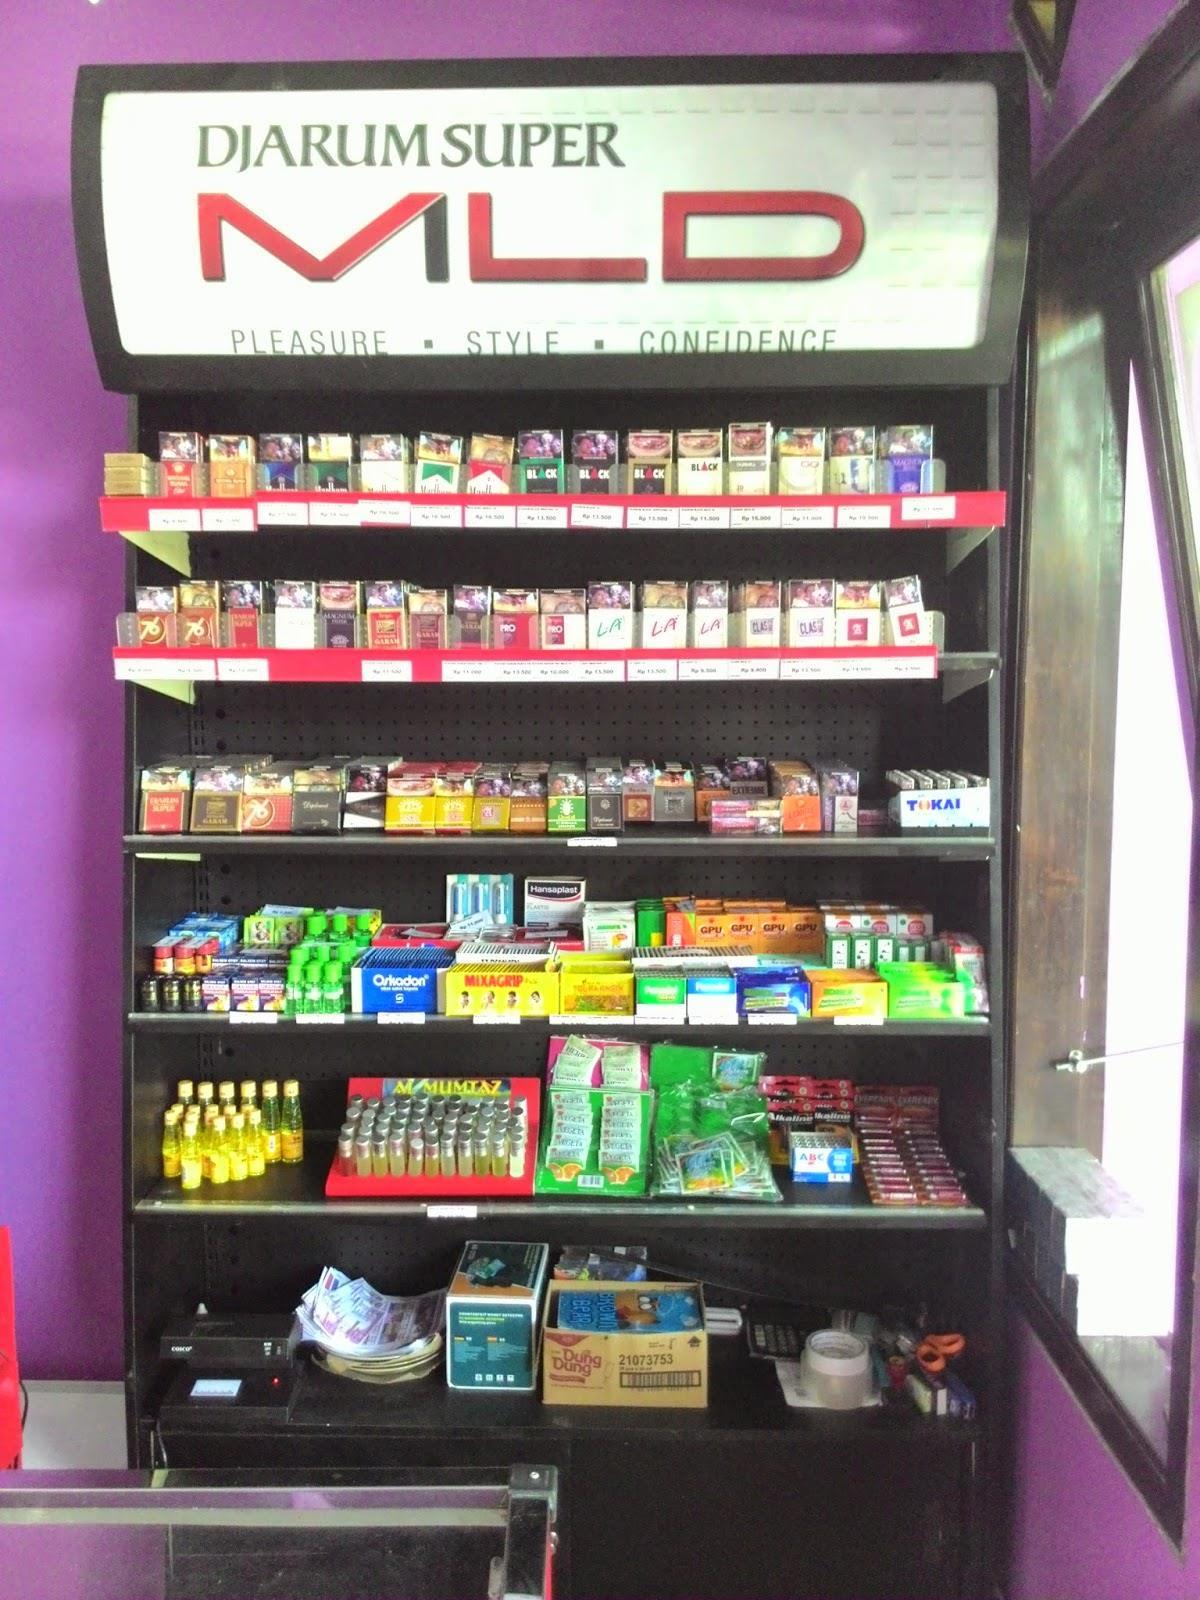 Jual Rak Rokok Supermarket Harga Murah Gresik Oleh Sintech